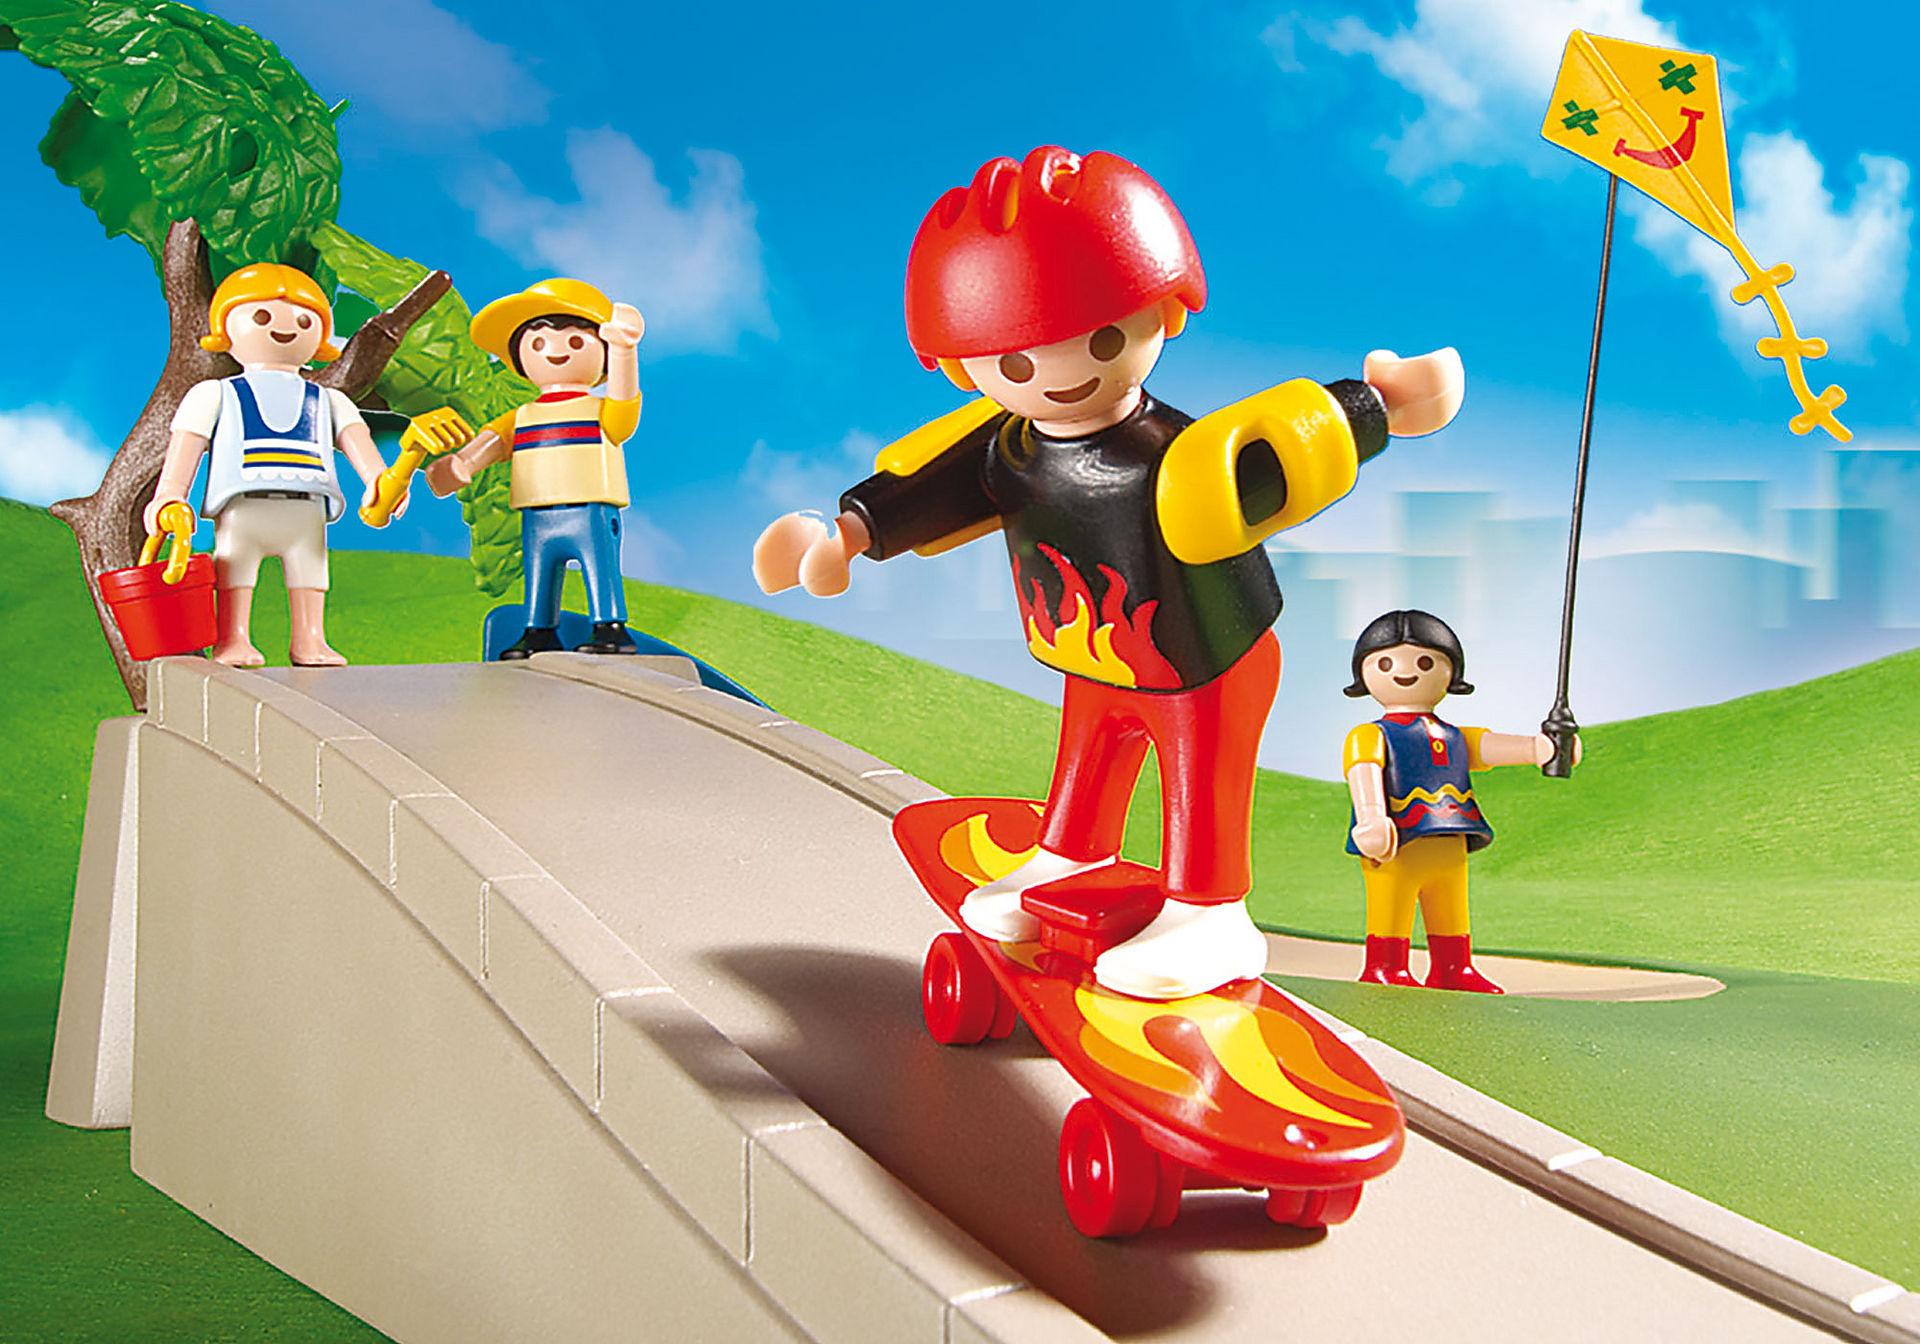 http://media.playmobil.com/i/playmobil/4132_product_extra1/Playground Super Set